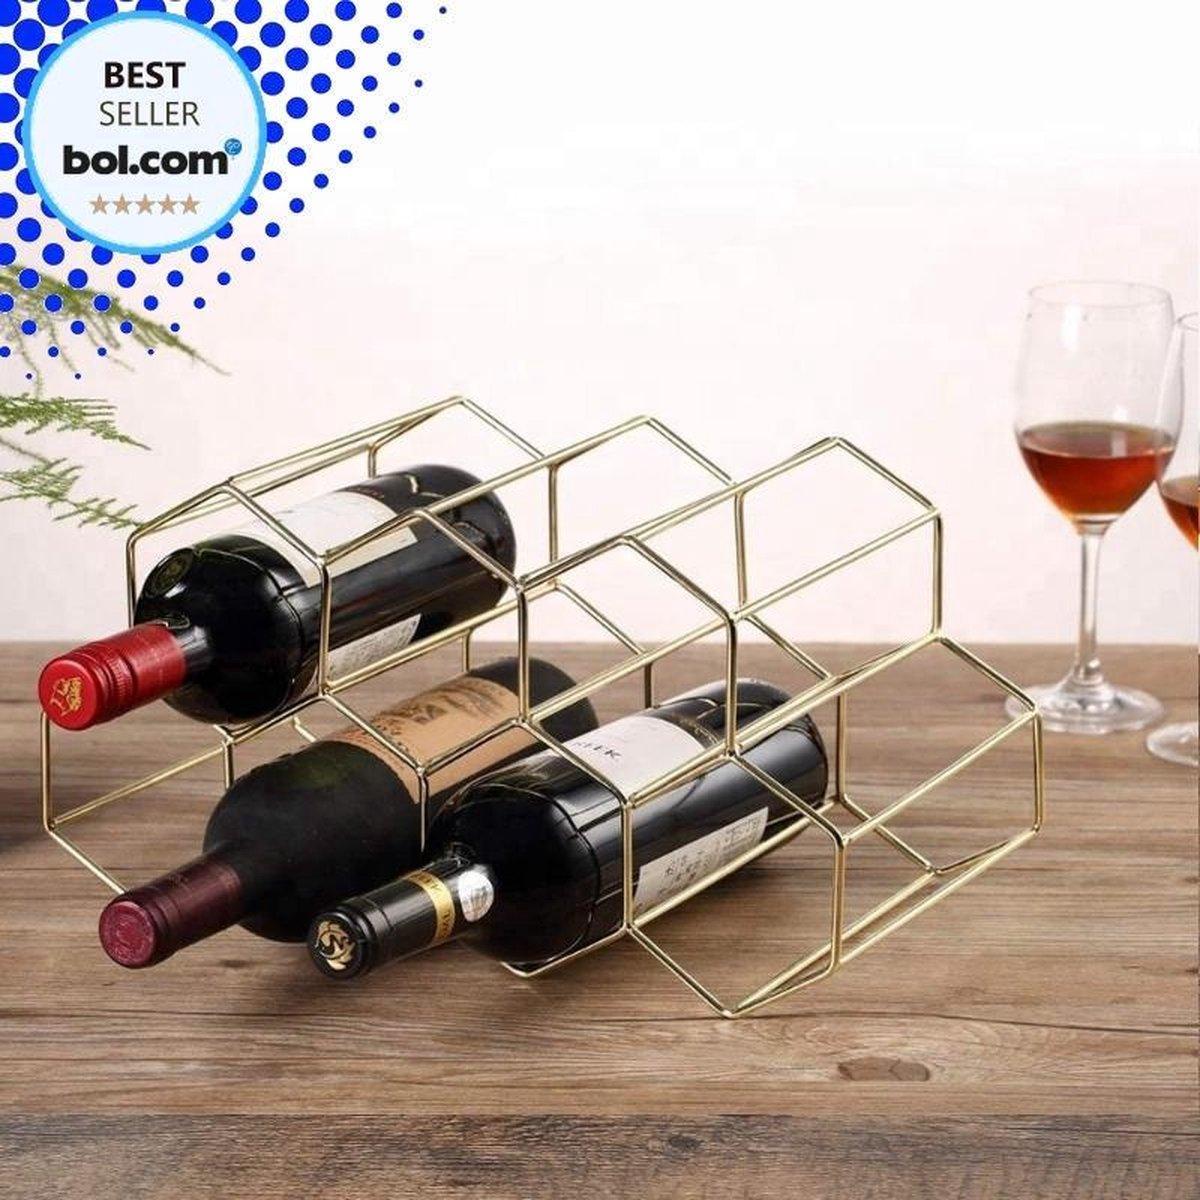 Wijnrek Hexagon 9 Flessen   Flessenrek   Wijn Accessoires   Wijnkast   Wijnrek Metaal   Wijnrekken   Wijnfleshouder   Wijnhouder   Goud